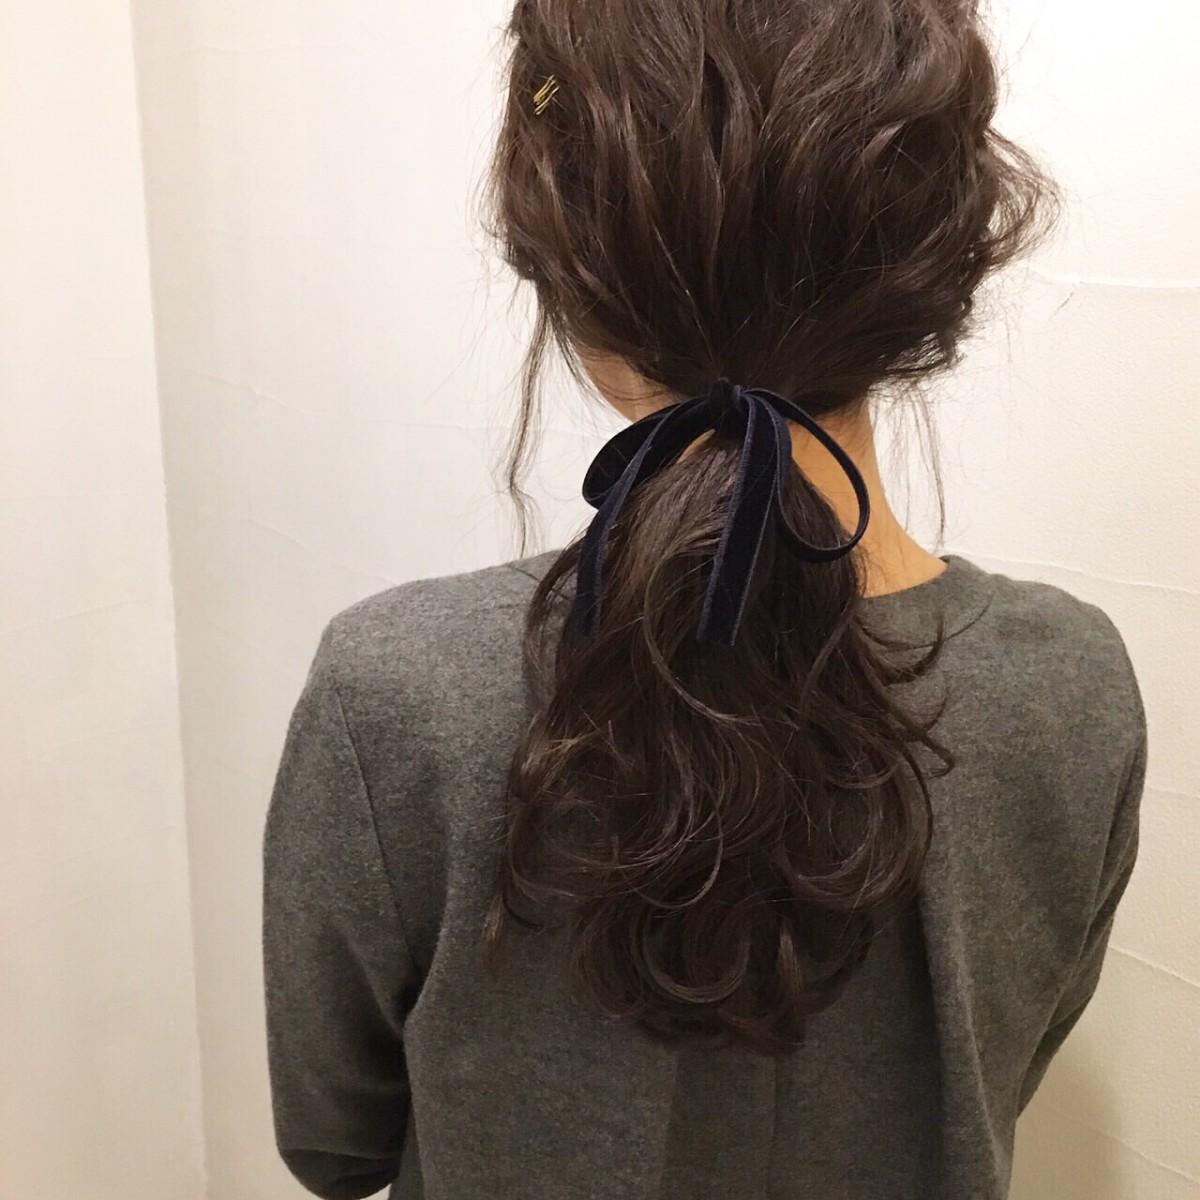 髪色も秋から冬にシフトチェンジ!この冬投入すべきカラーは「チョコレート」